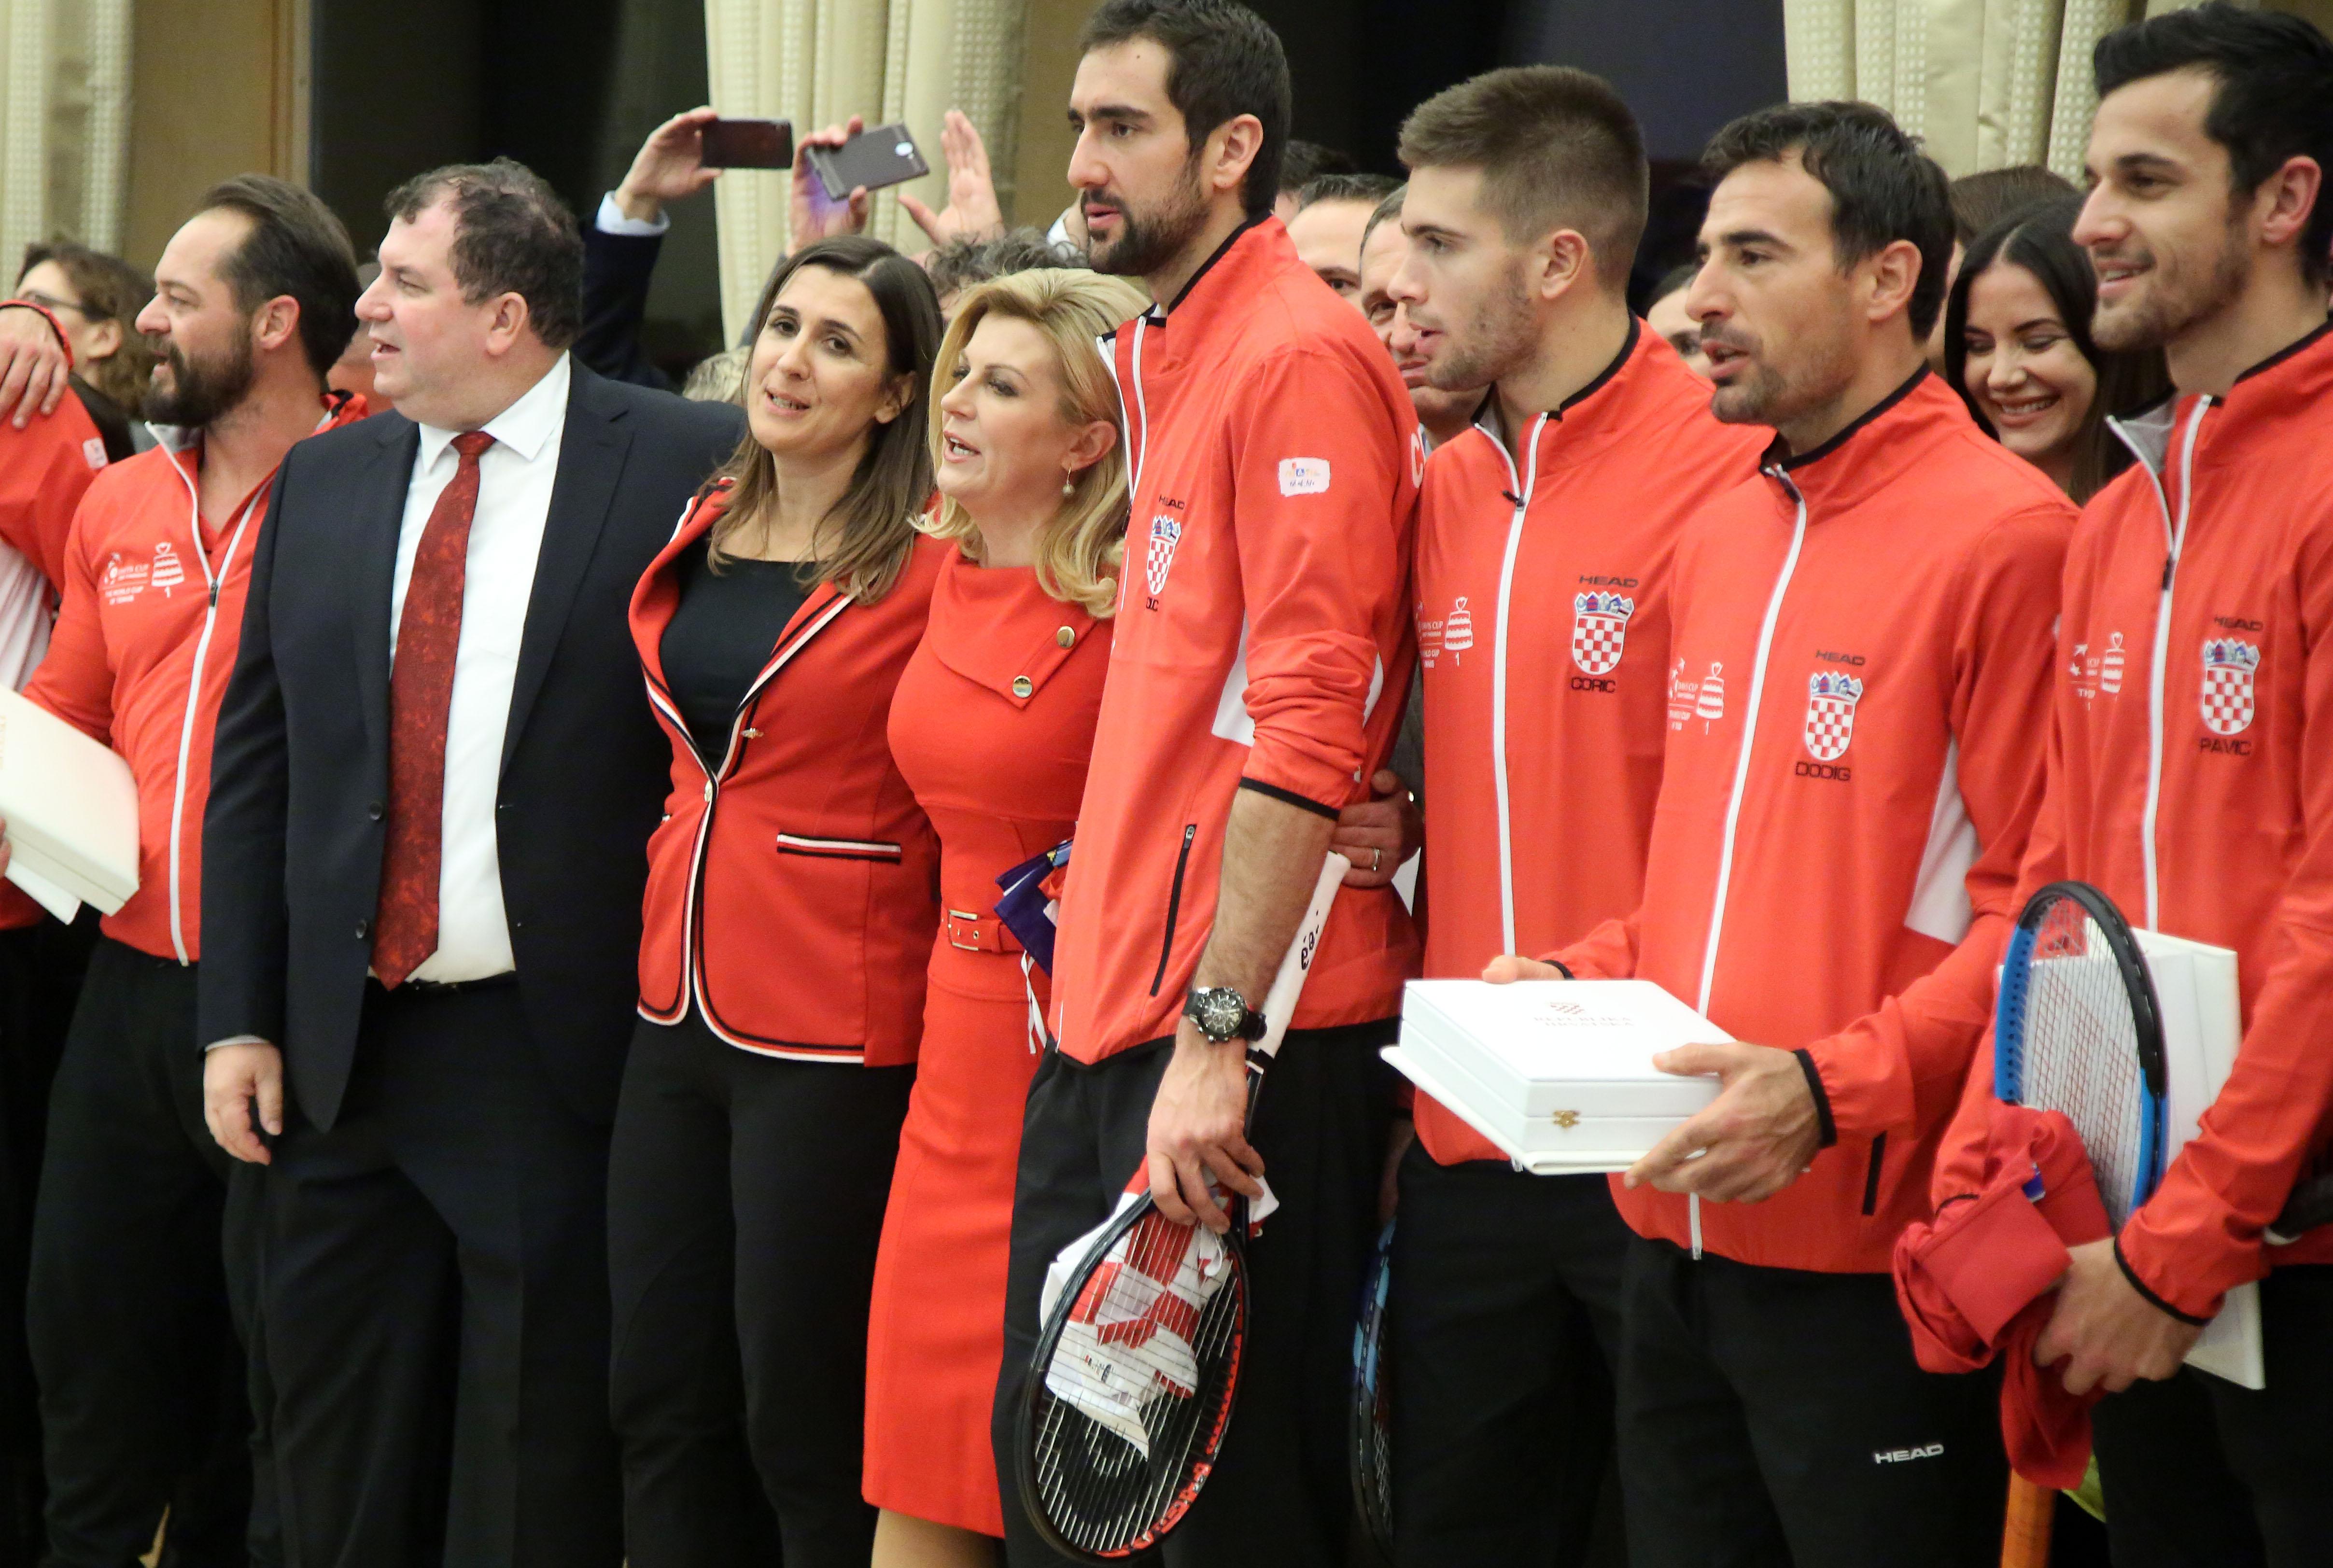 Predsjednica odlikovala članove Davis Cup reprezentacije